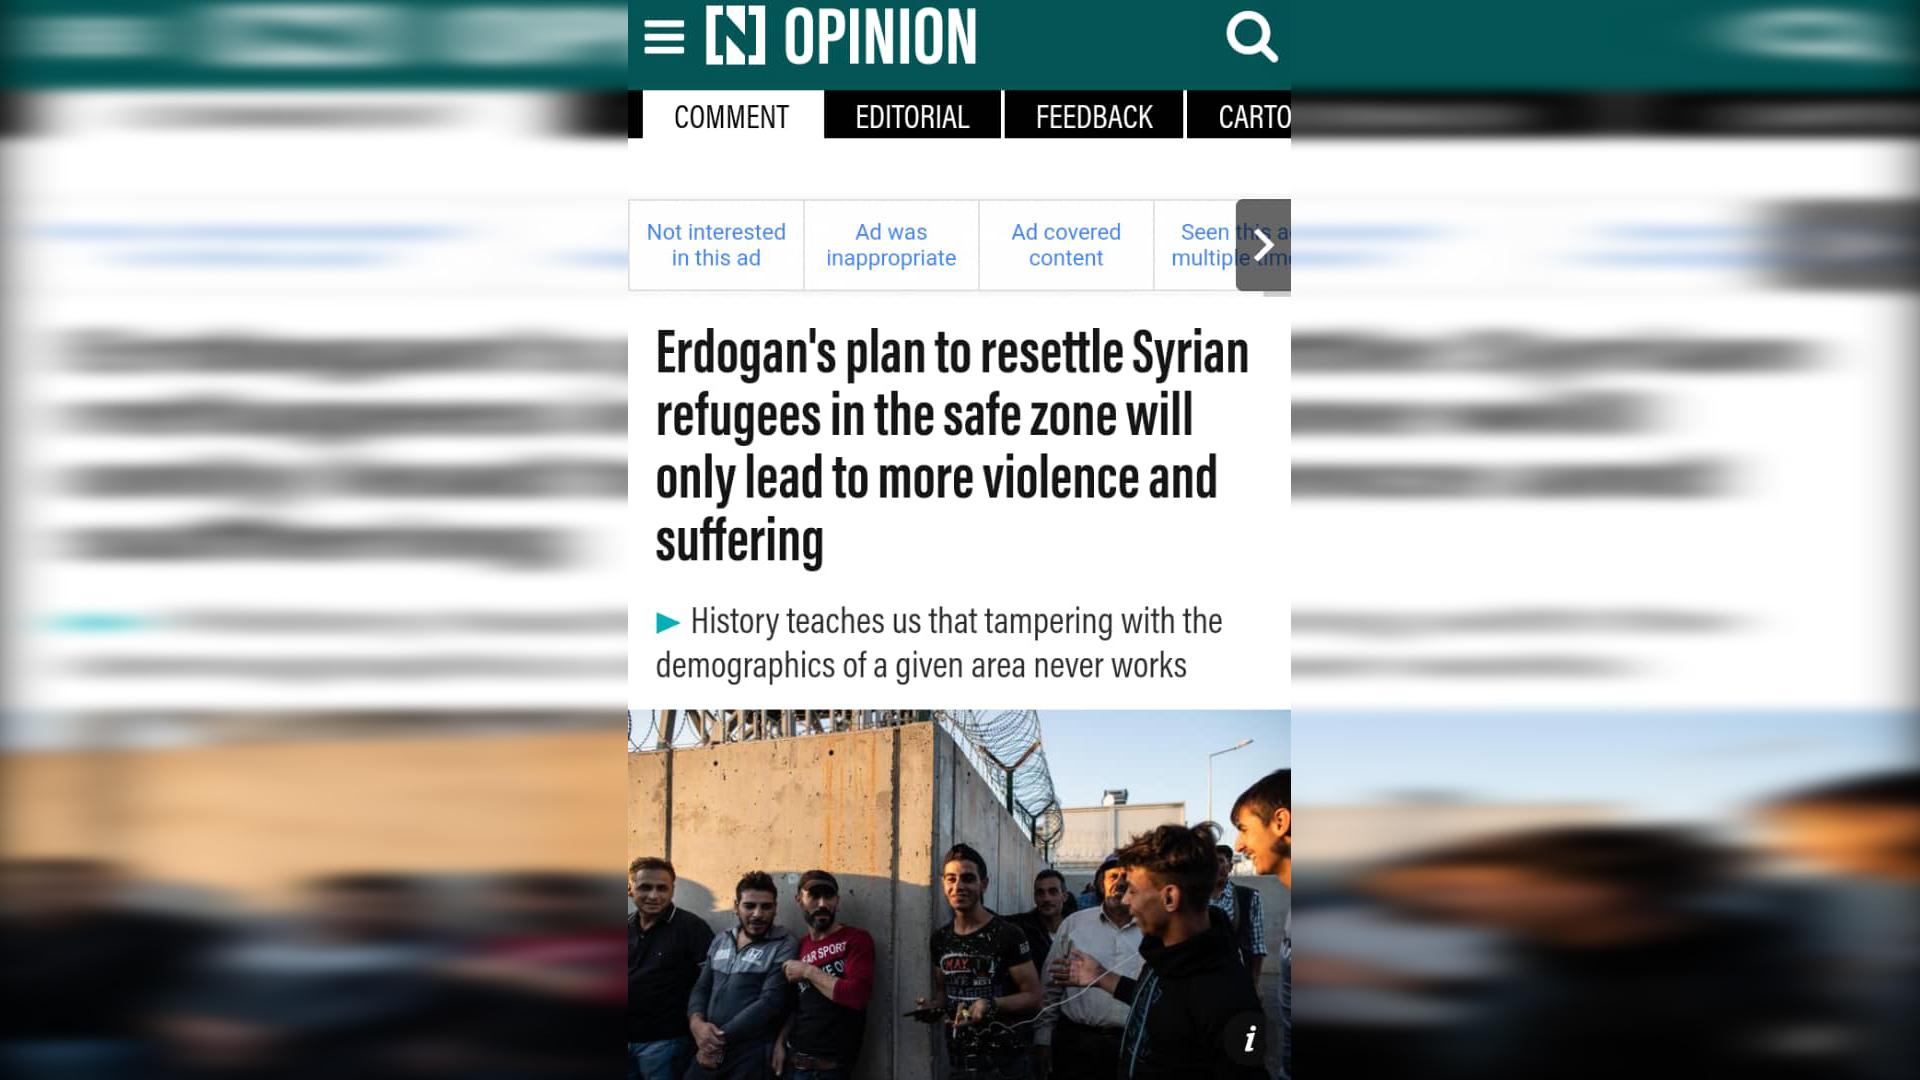 Photo of صحيفة: على خطى حزب البعث أردوغان يتبع سياسة التغيير الديمغرافي بحق الكرد